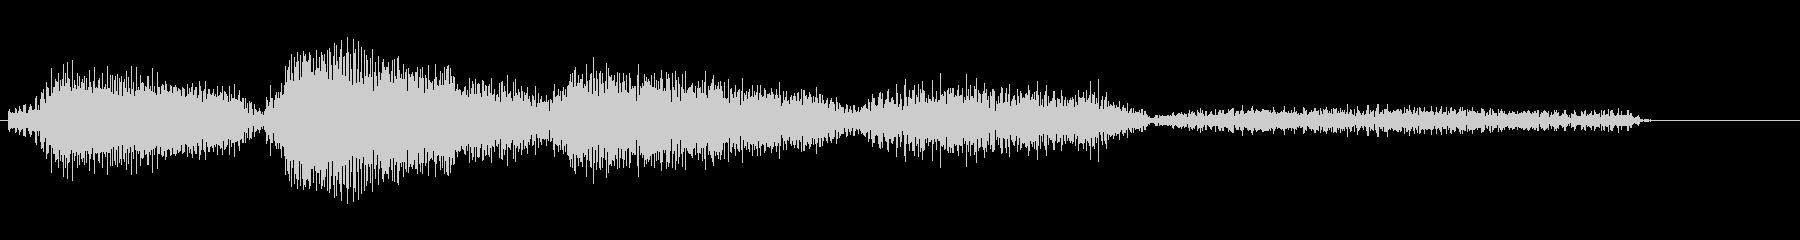 STEEL GUITAR:DESC...の未再生の波形